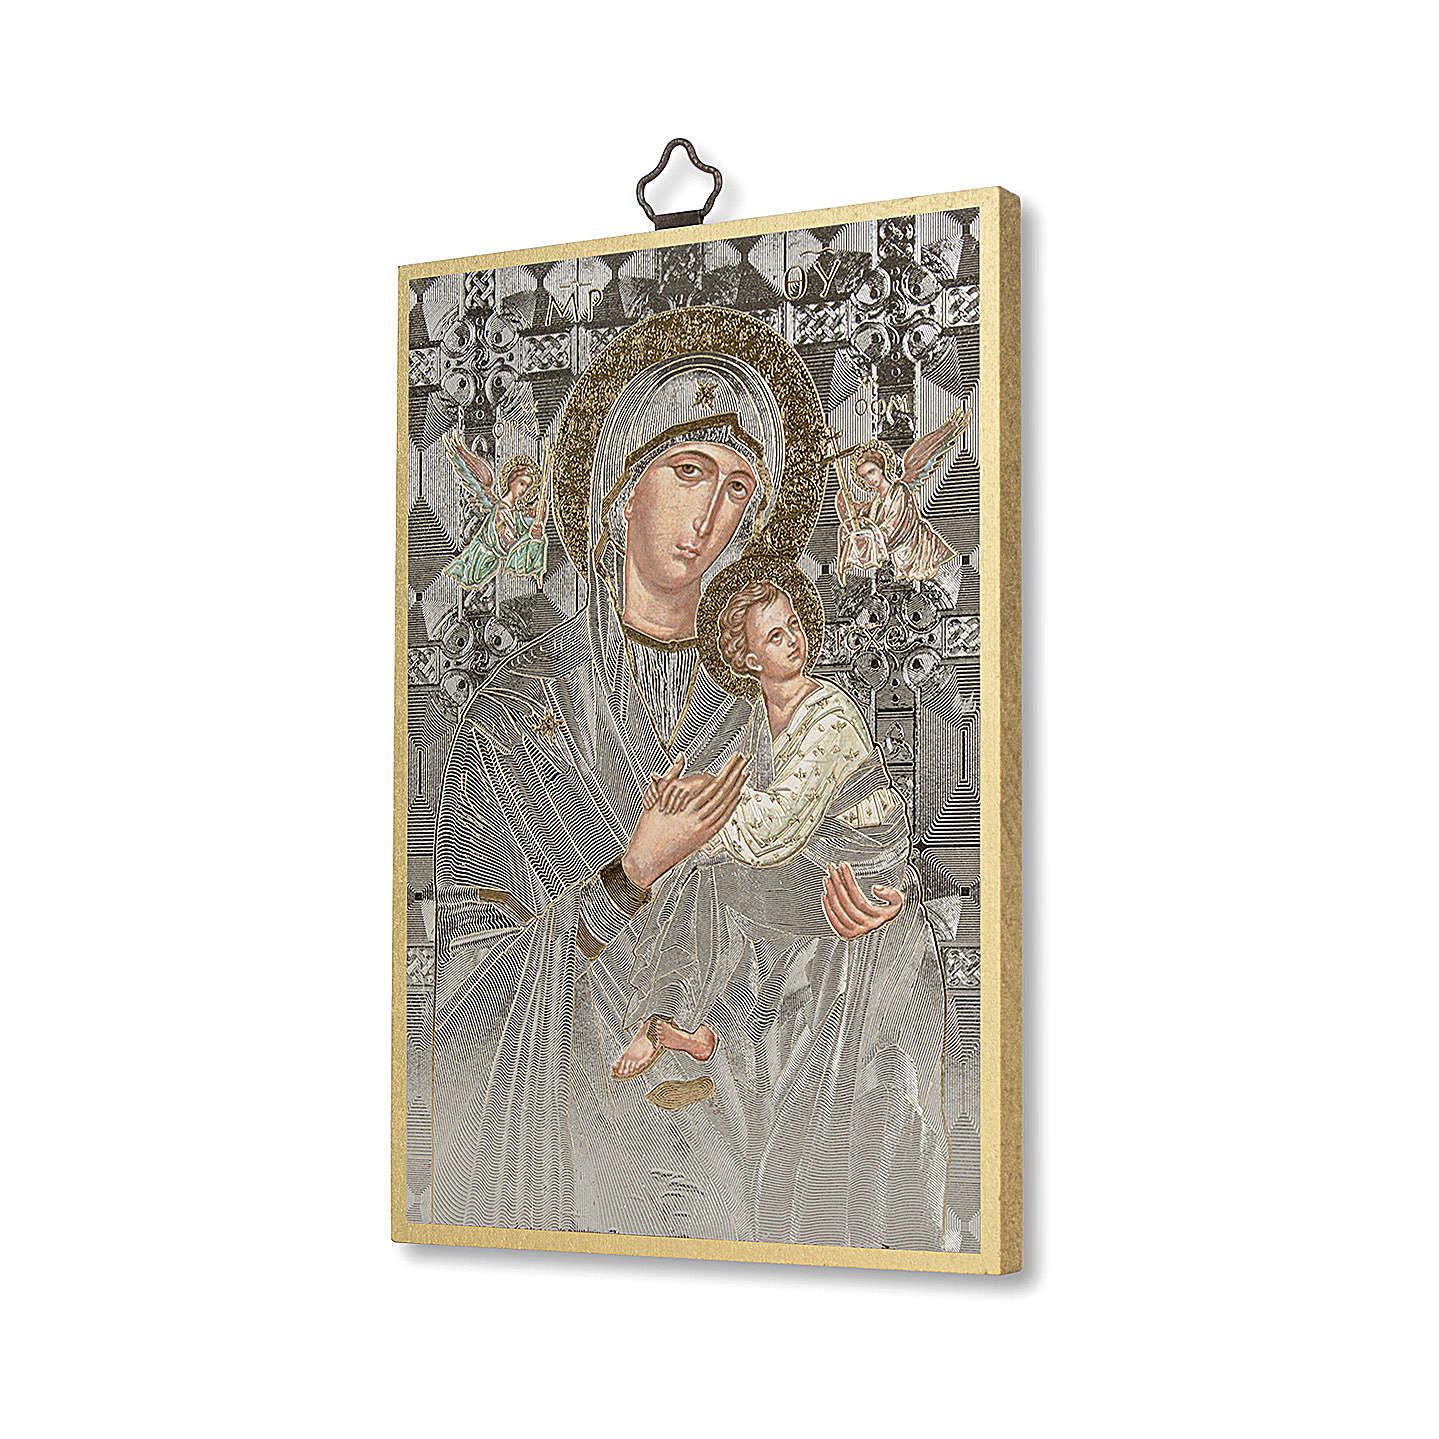 Stampa su legno Icona Madonna del Perpetuo Soccorso 3